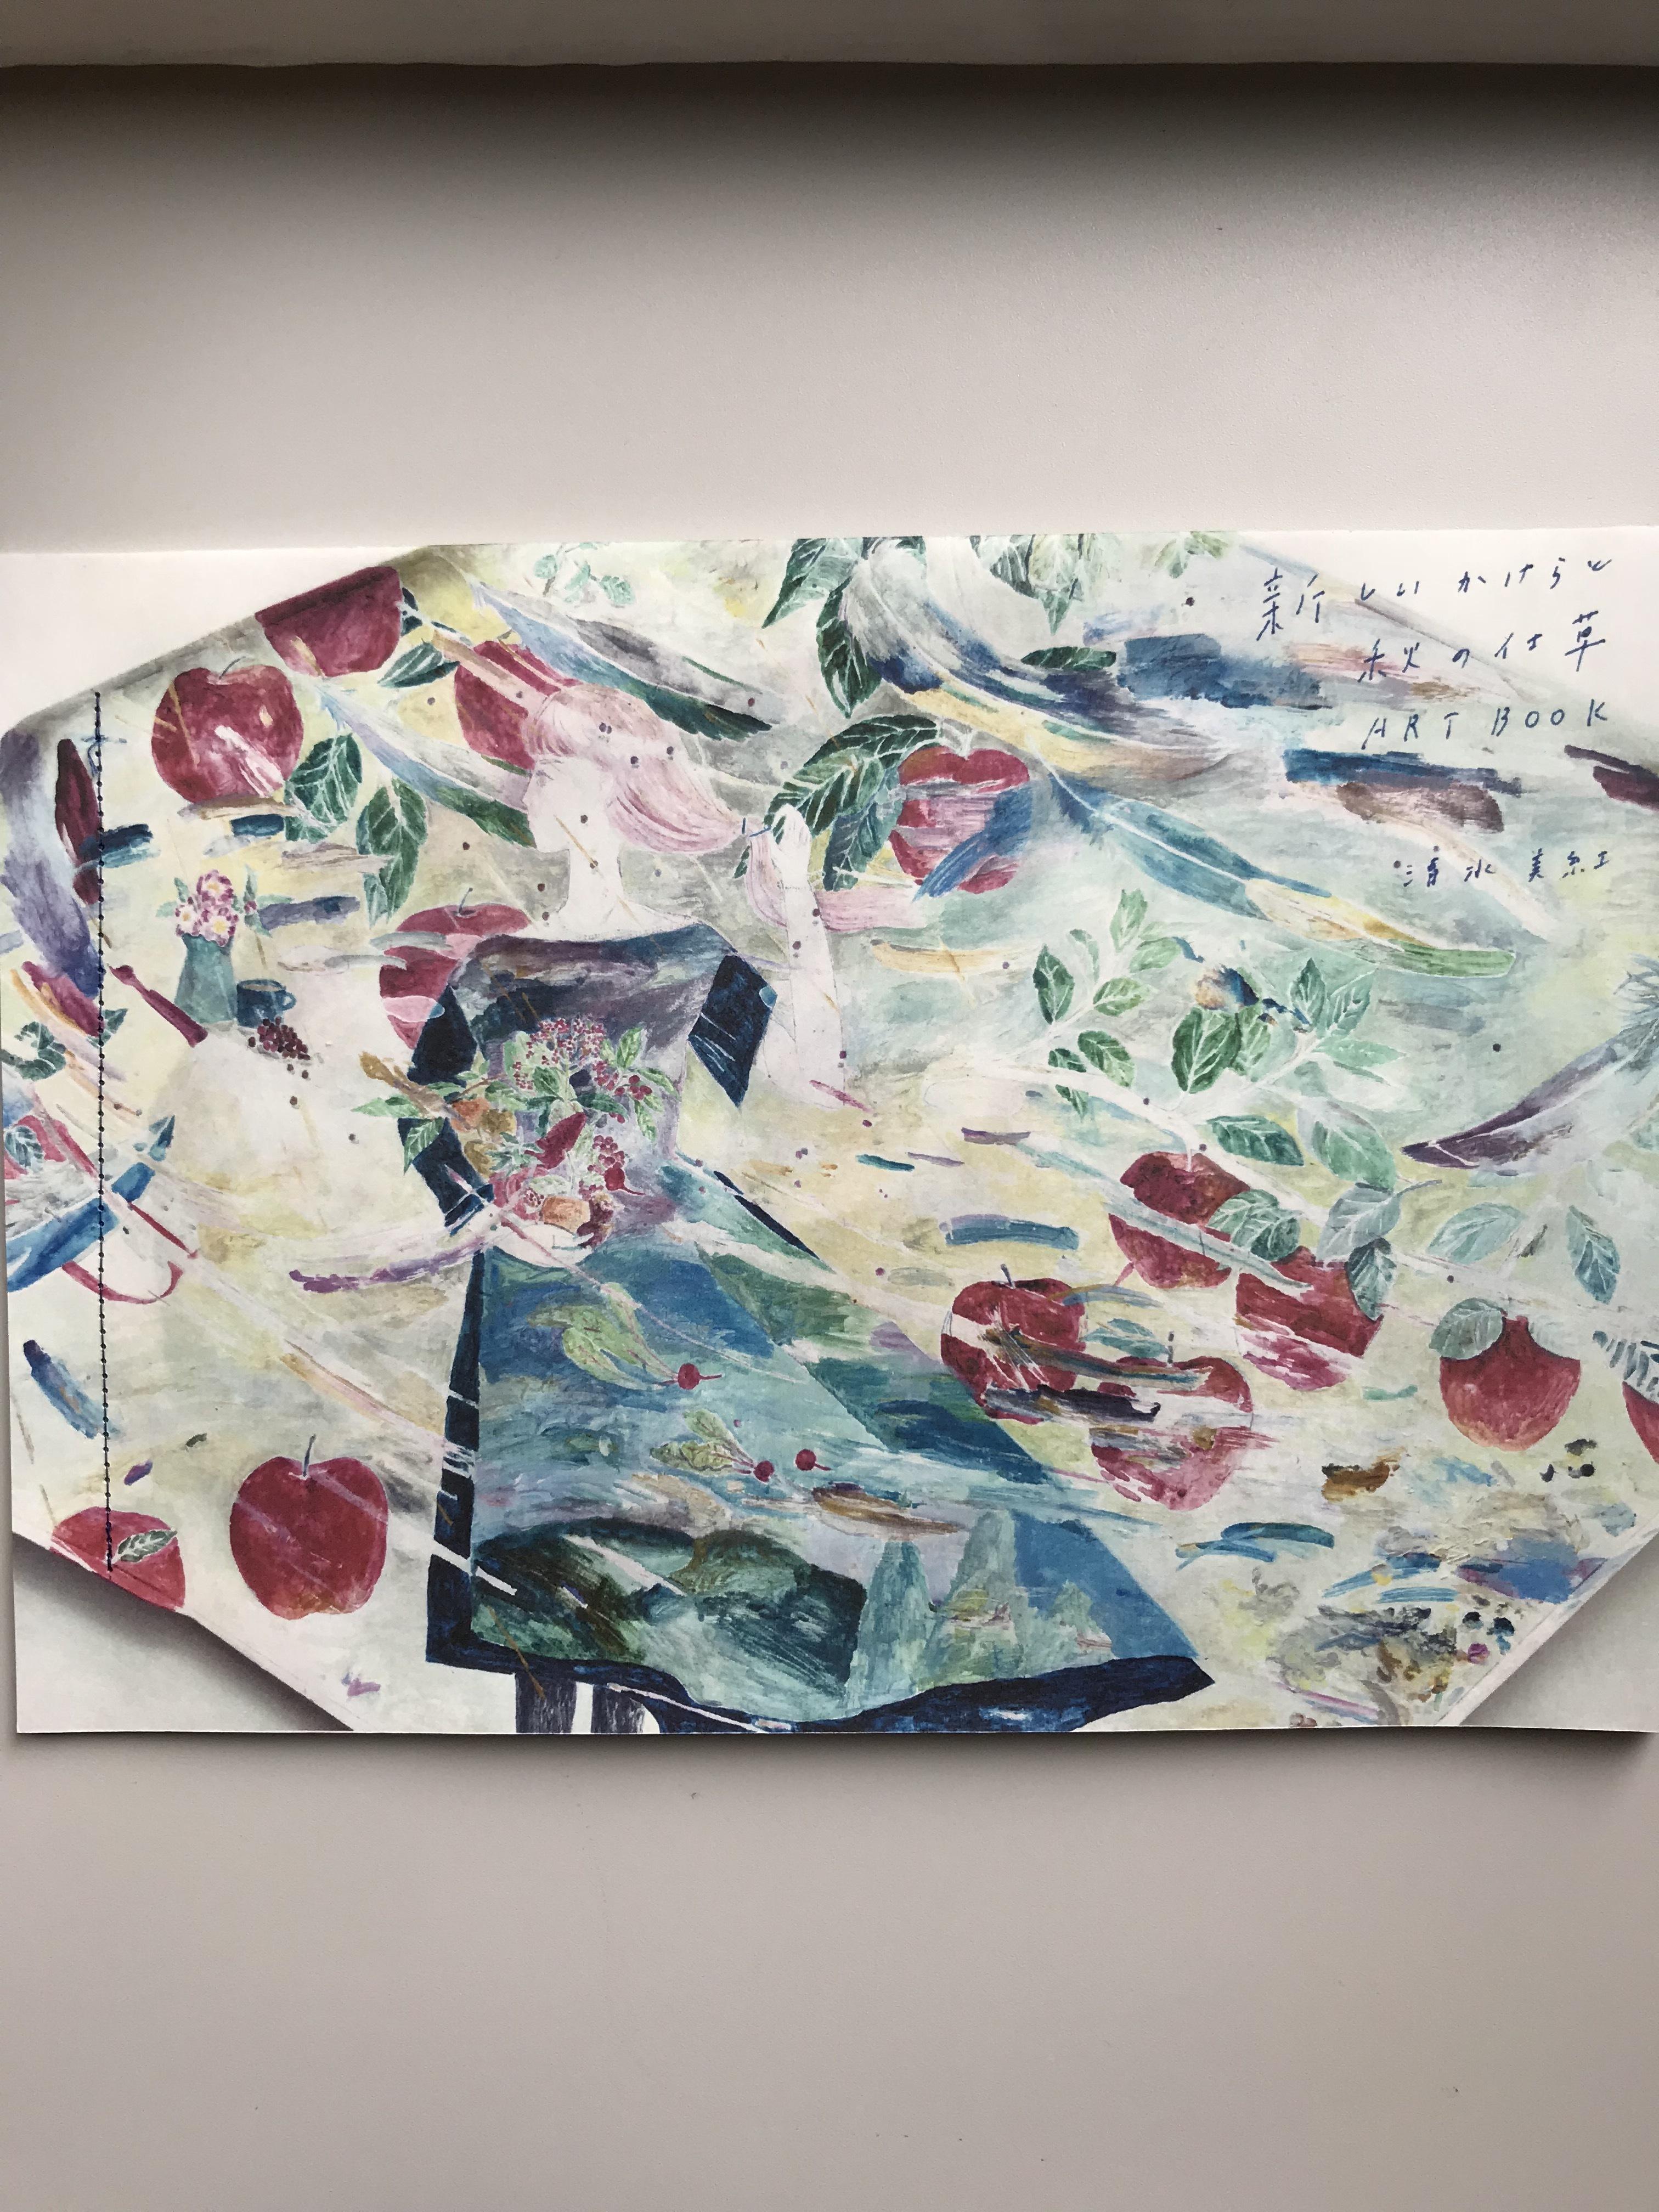 「新しいかけらと秋の仕草 ART BOOK」清水美紅